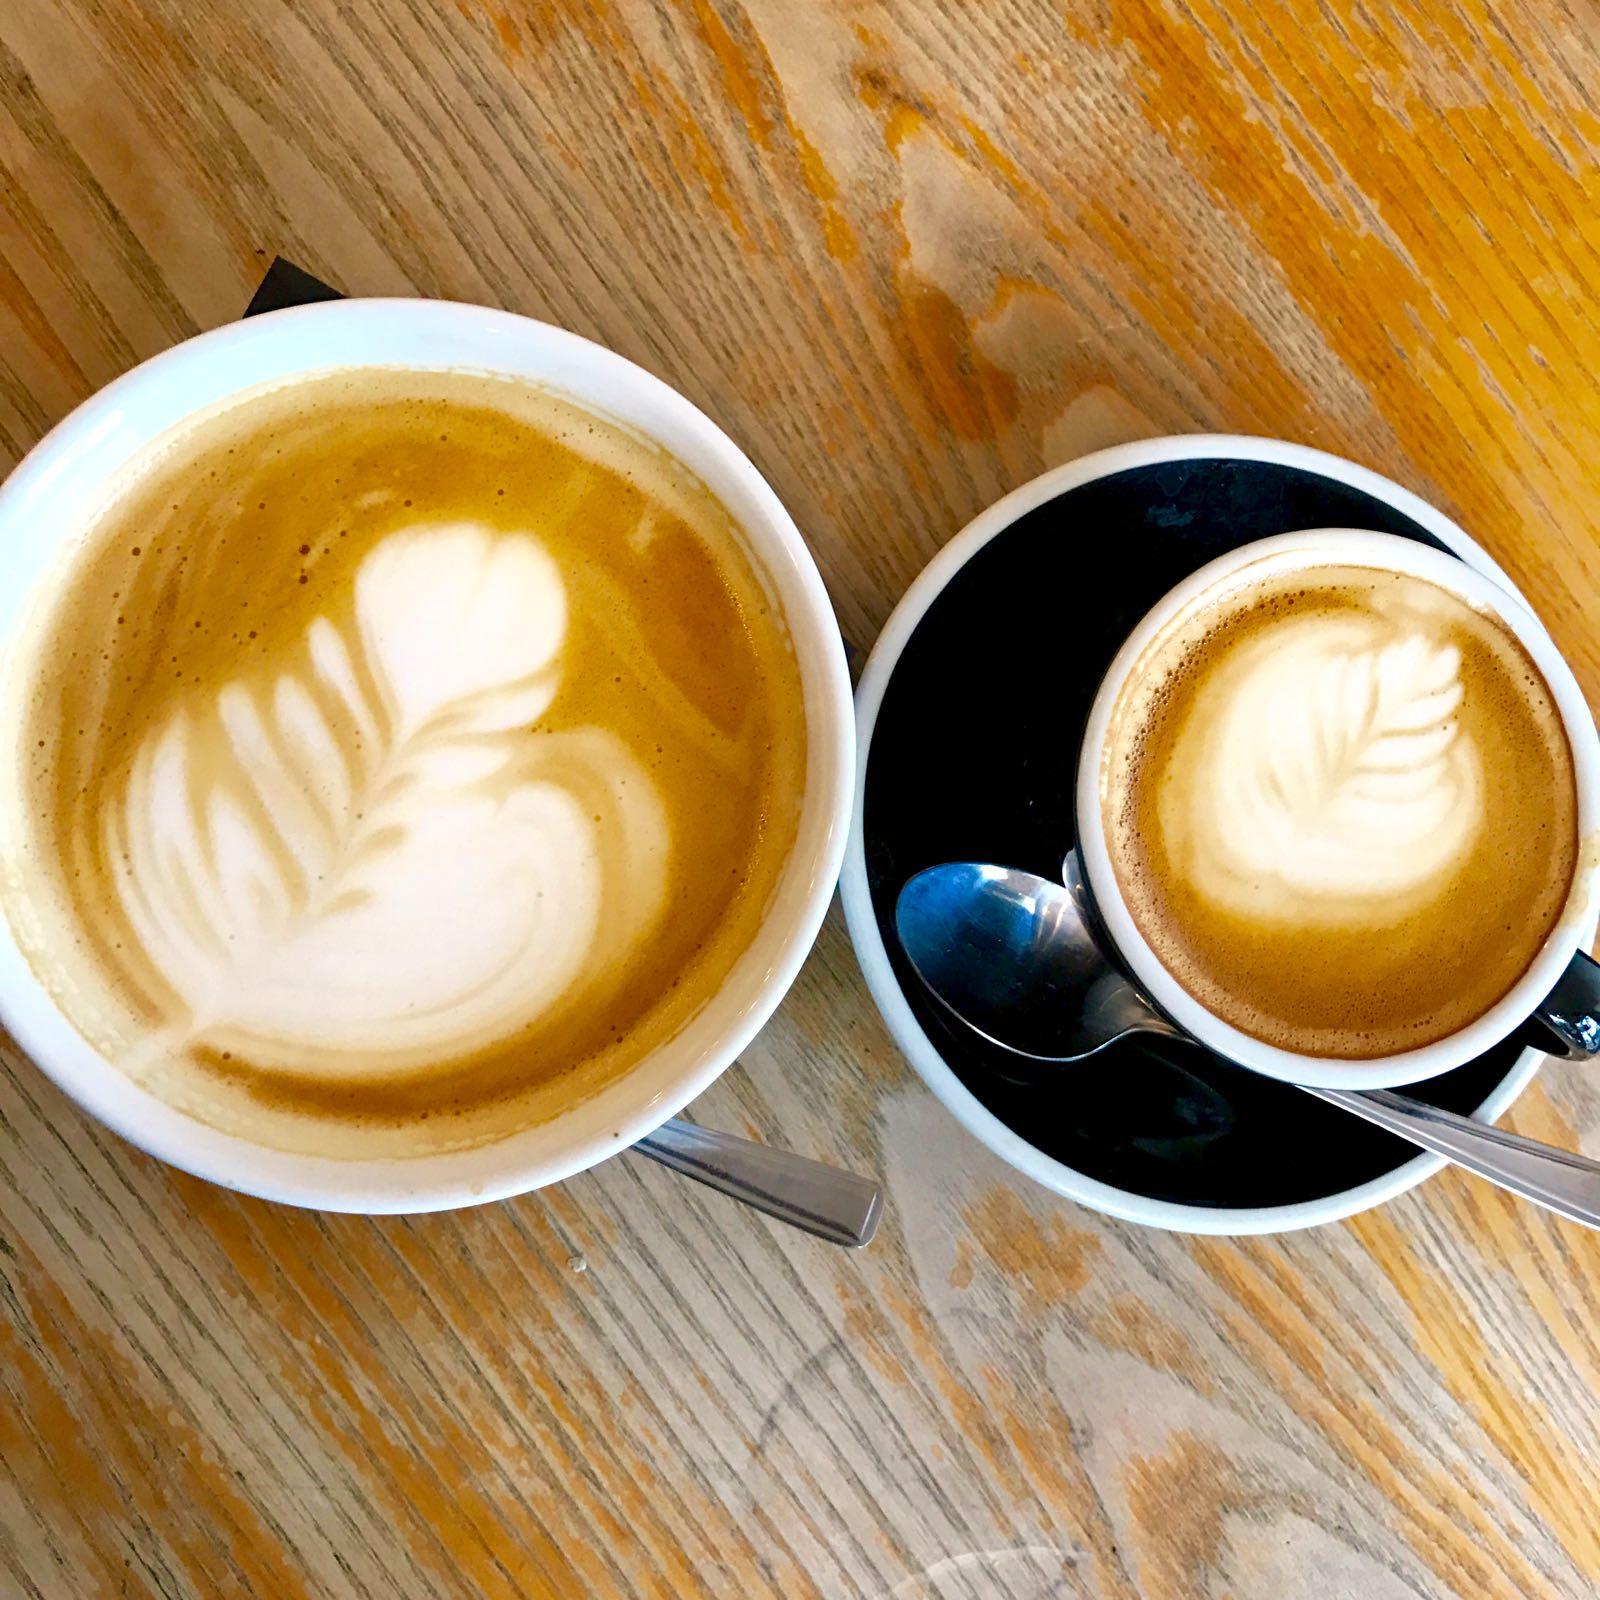 Sunday フラットホワイト、カフェオレ